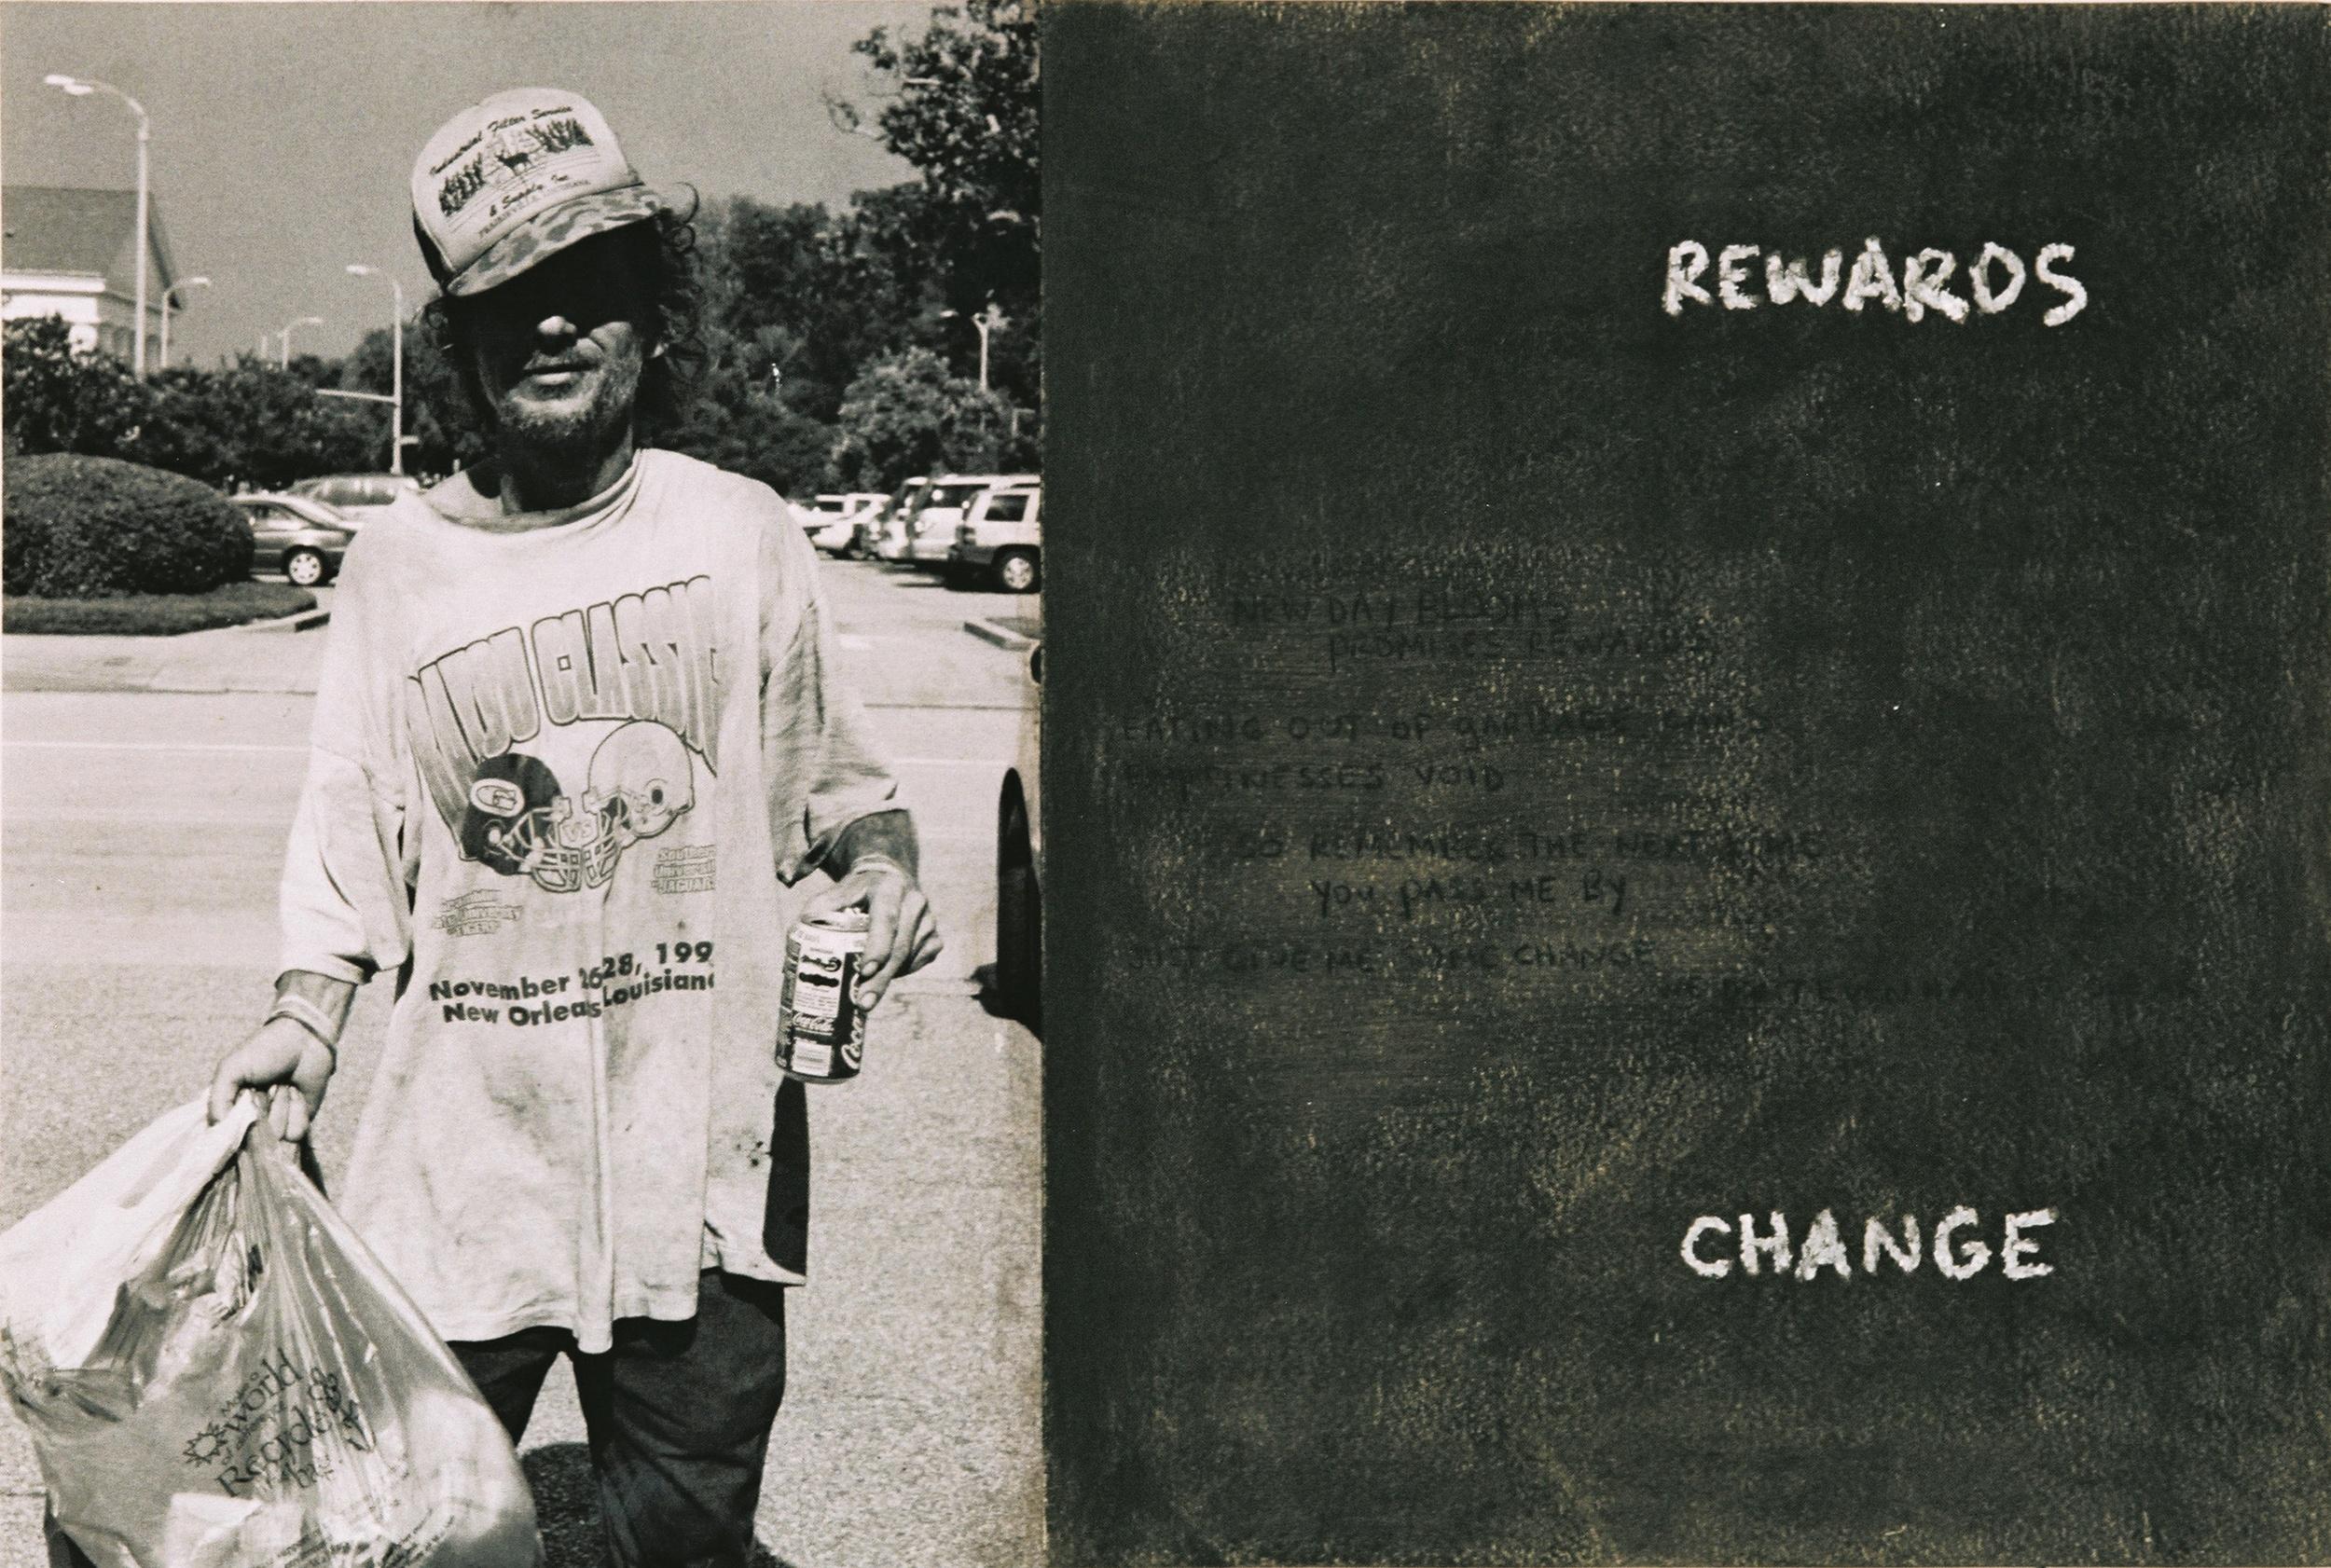 Rewards Change